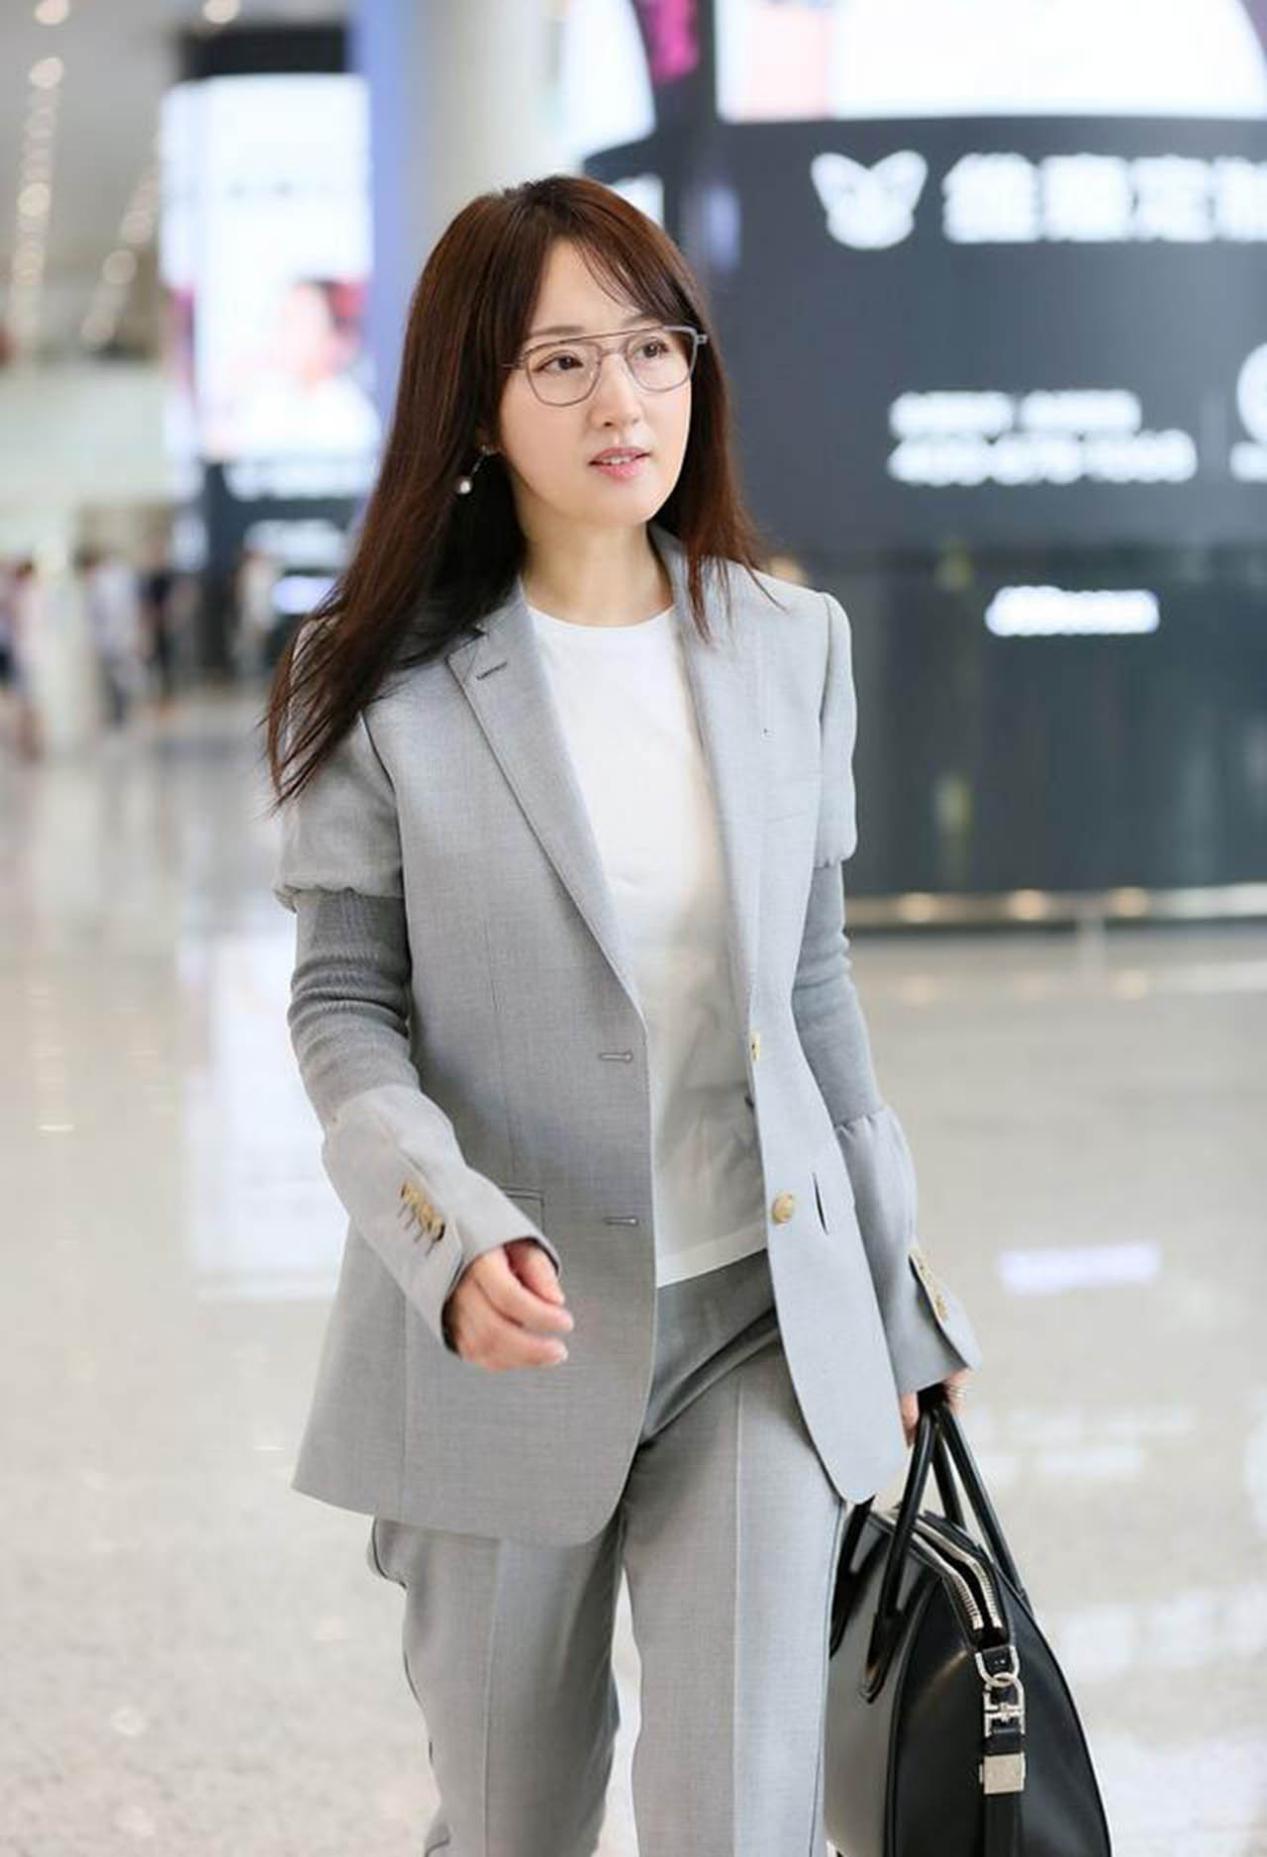 杨钰莹秀职场女性装扮,知性而优雅,依然少女模样